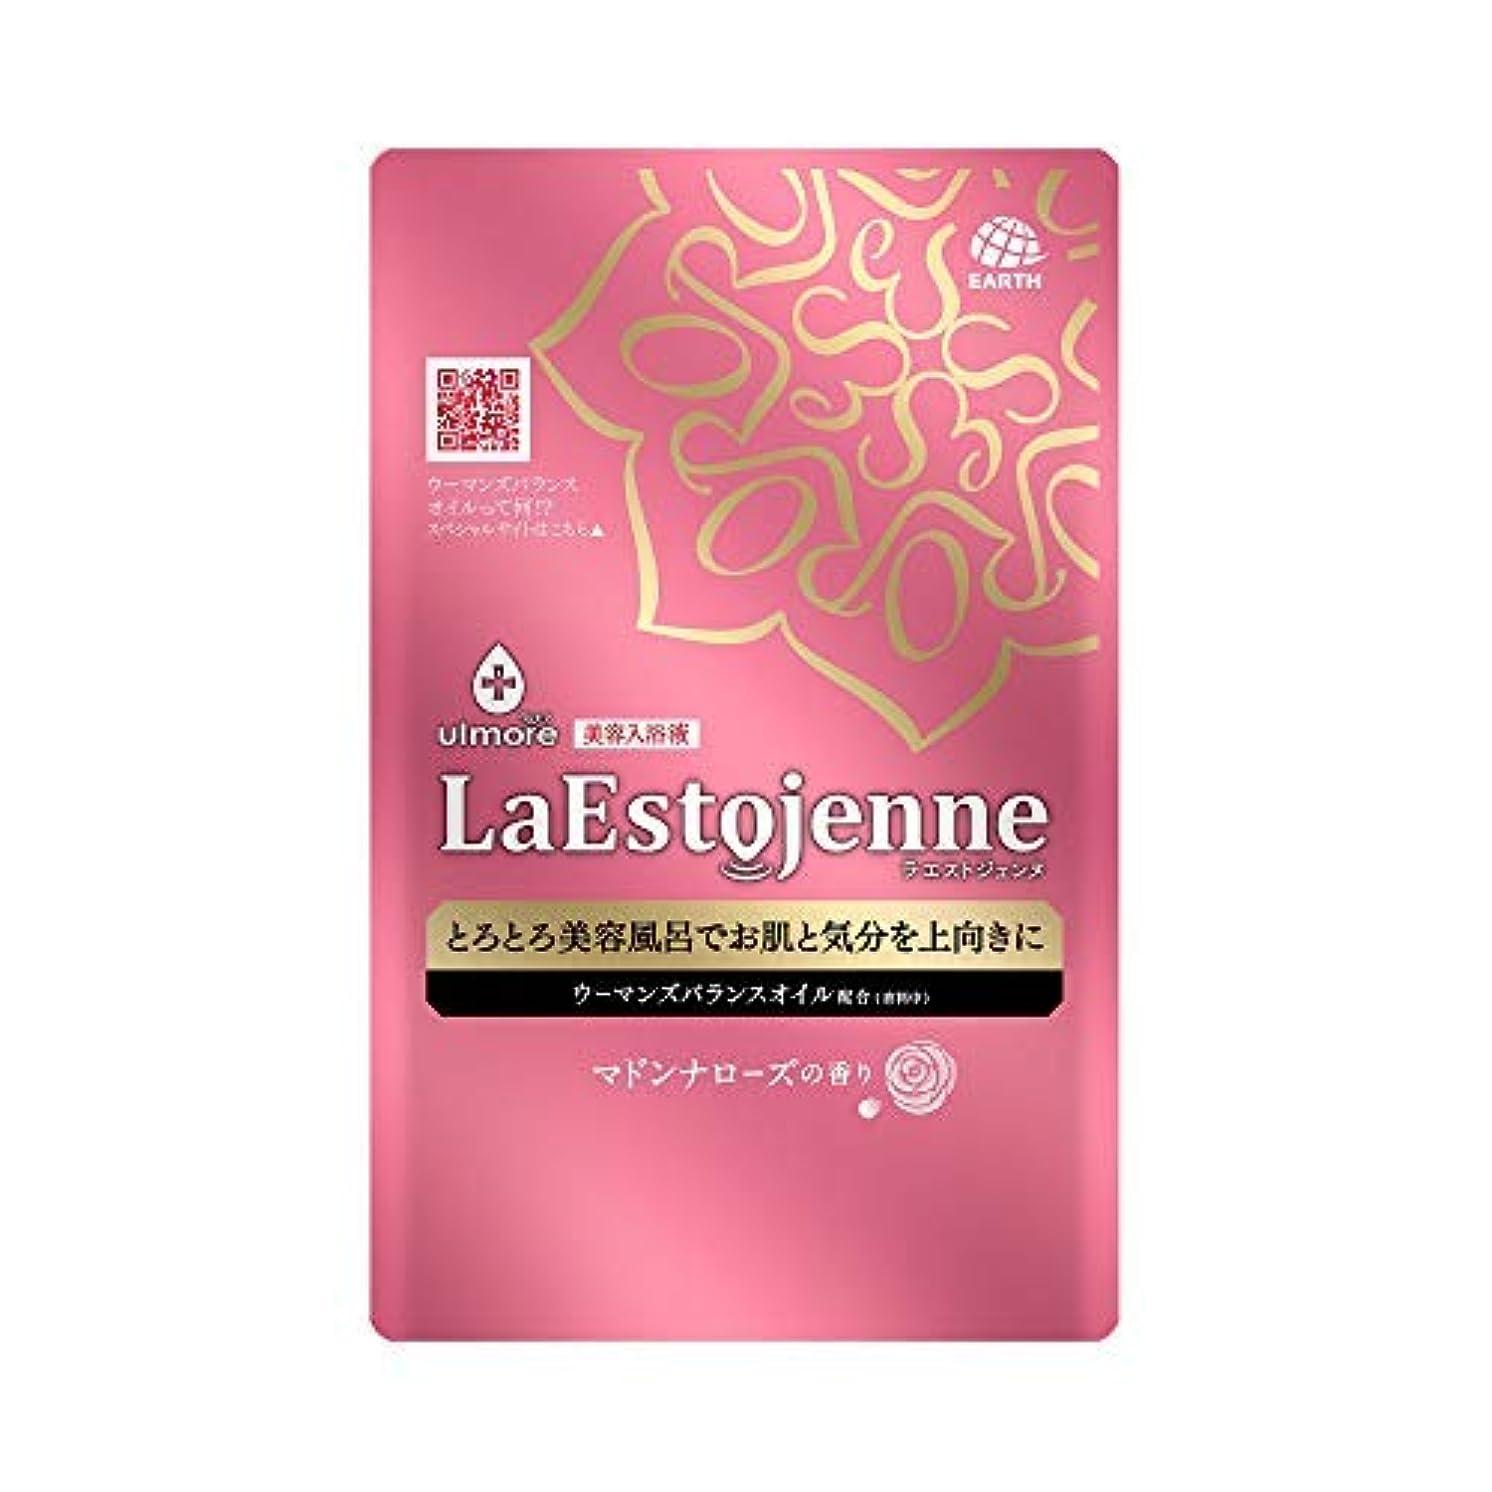 アジア誓いほのめかすウルモア ラエストジェンヌ マドンナローズの香り 1包 × 2個セット